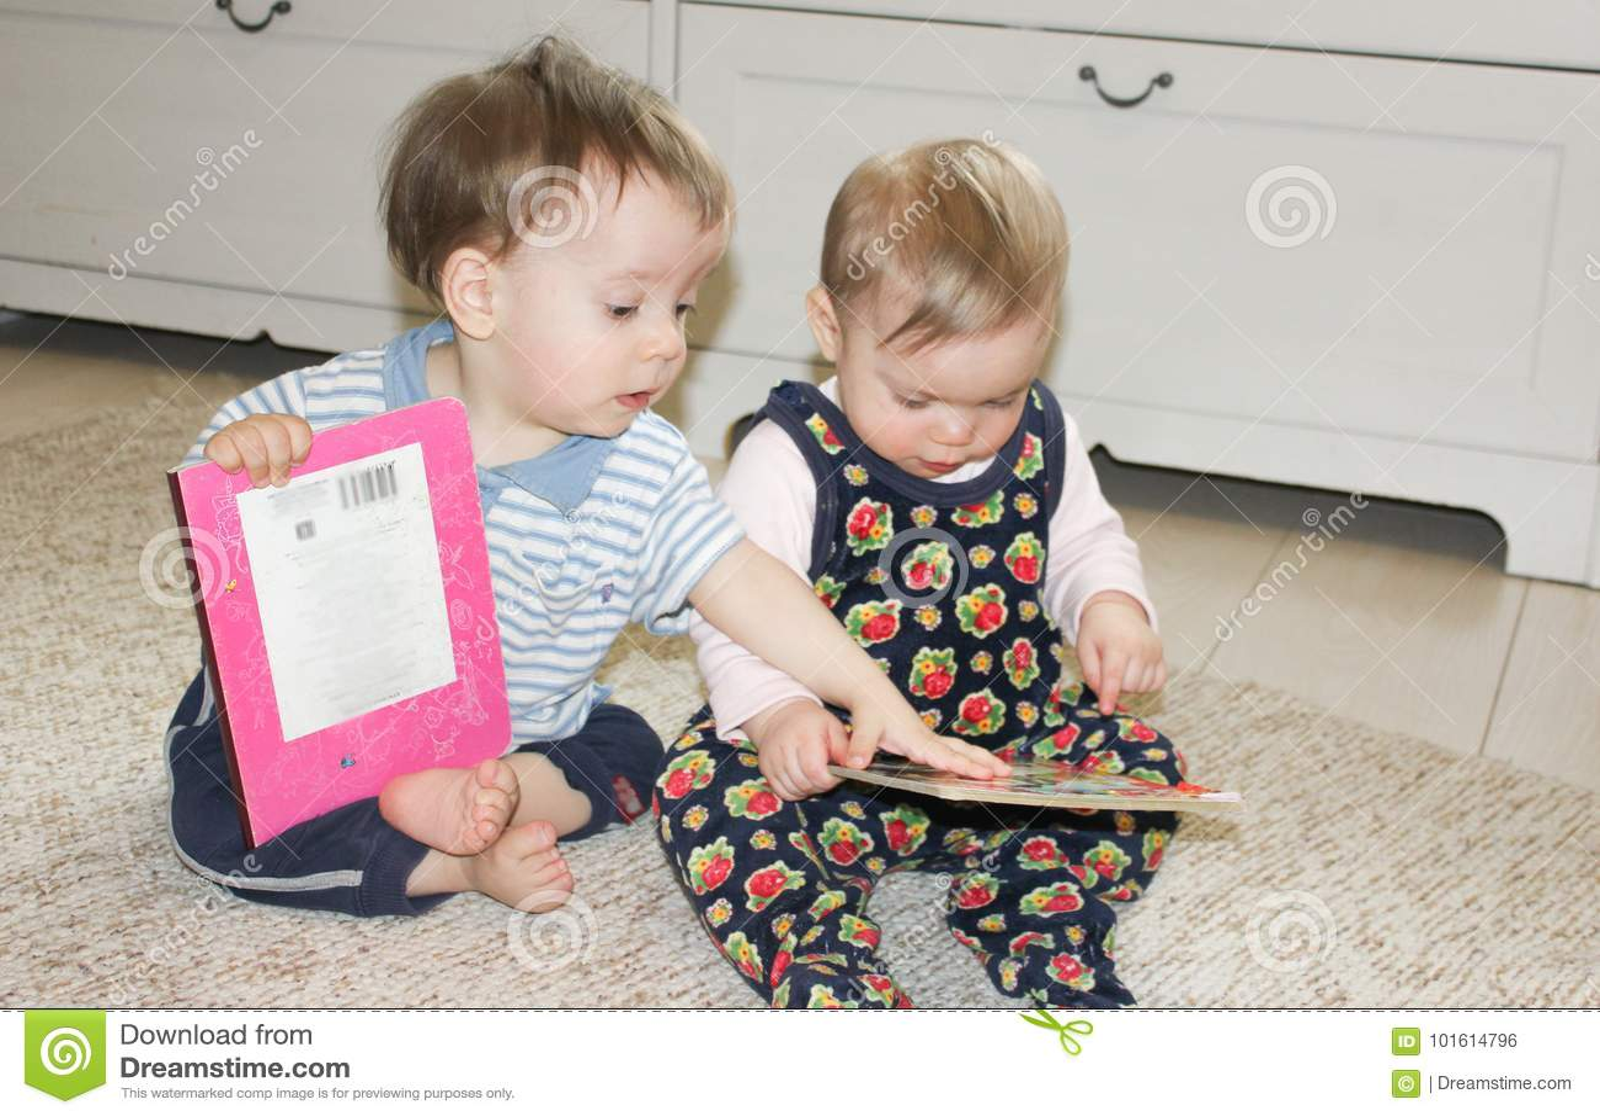 Två småbarn sitter på golvet och läser böcker Flicka och pojke